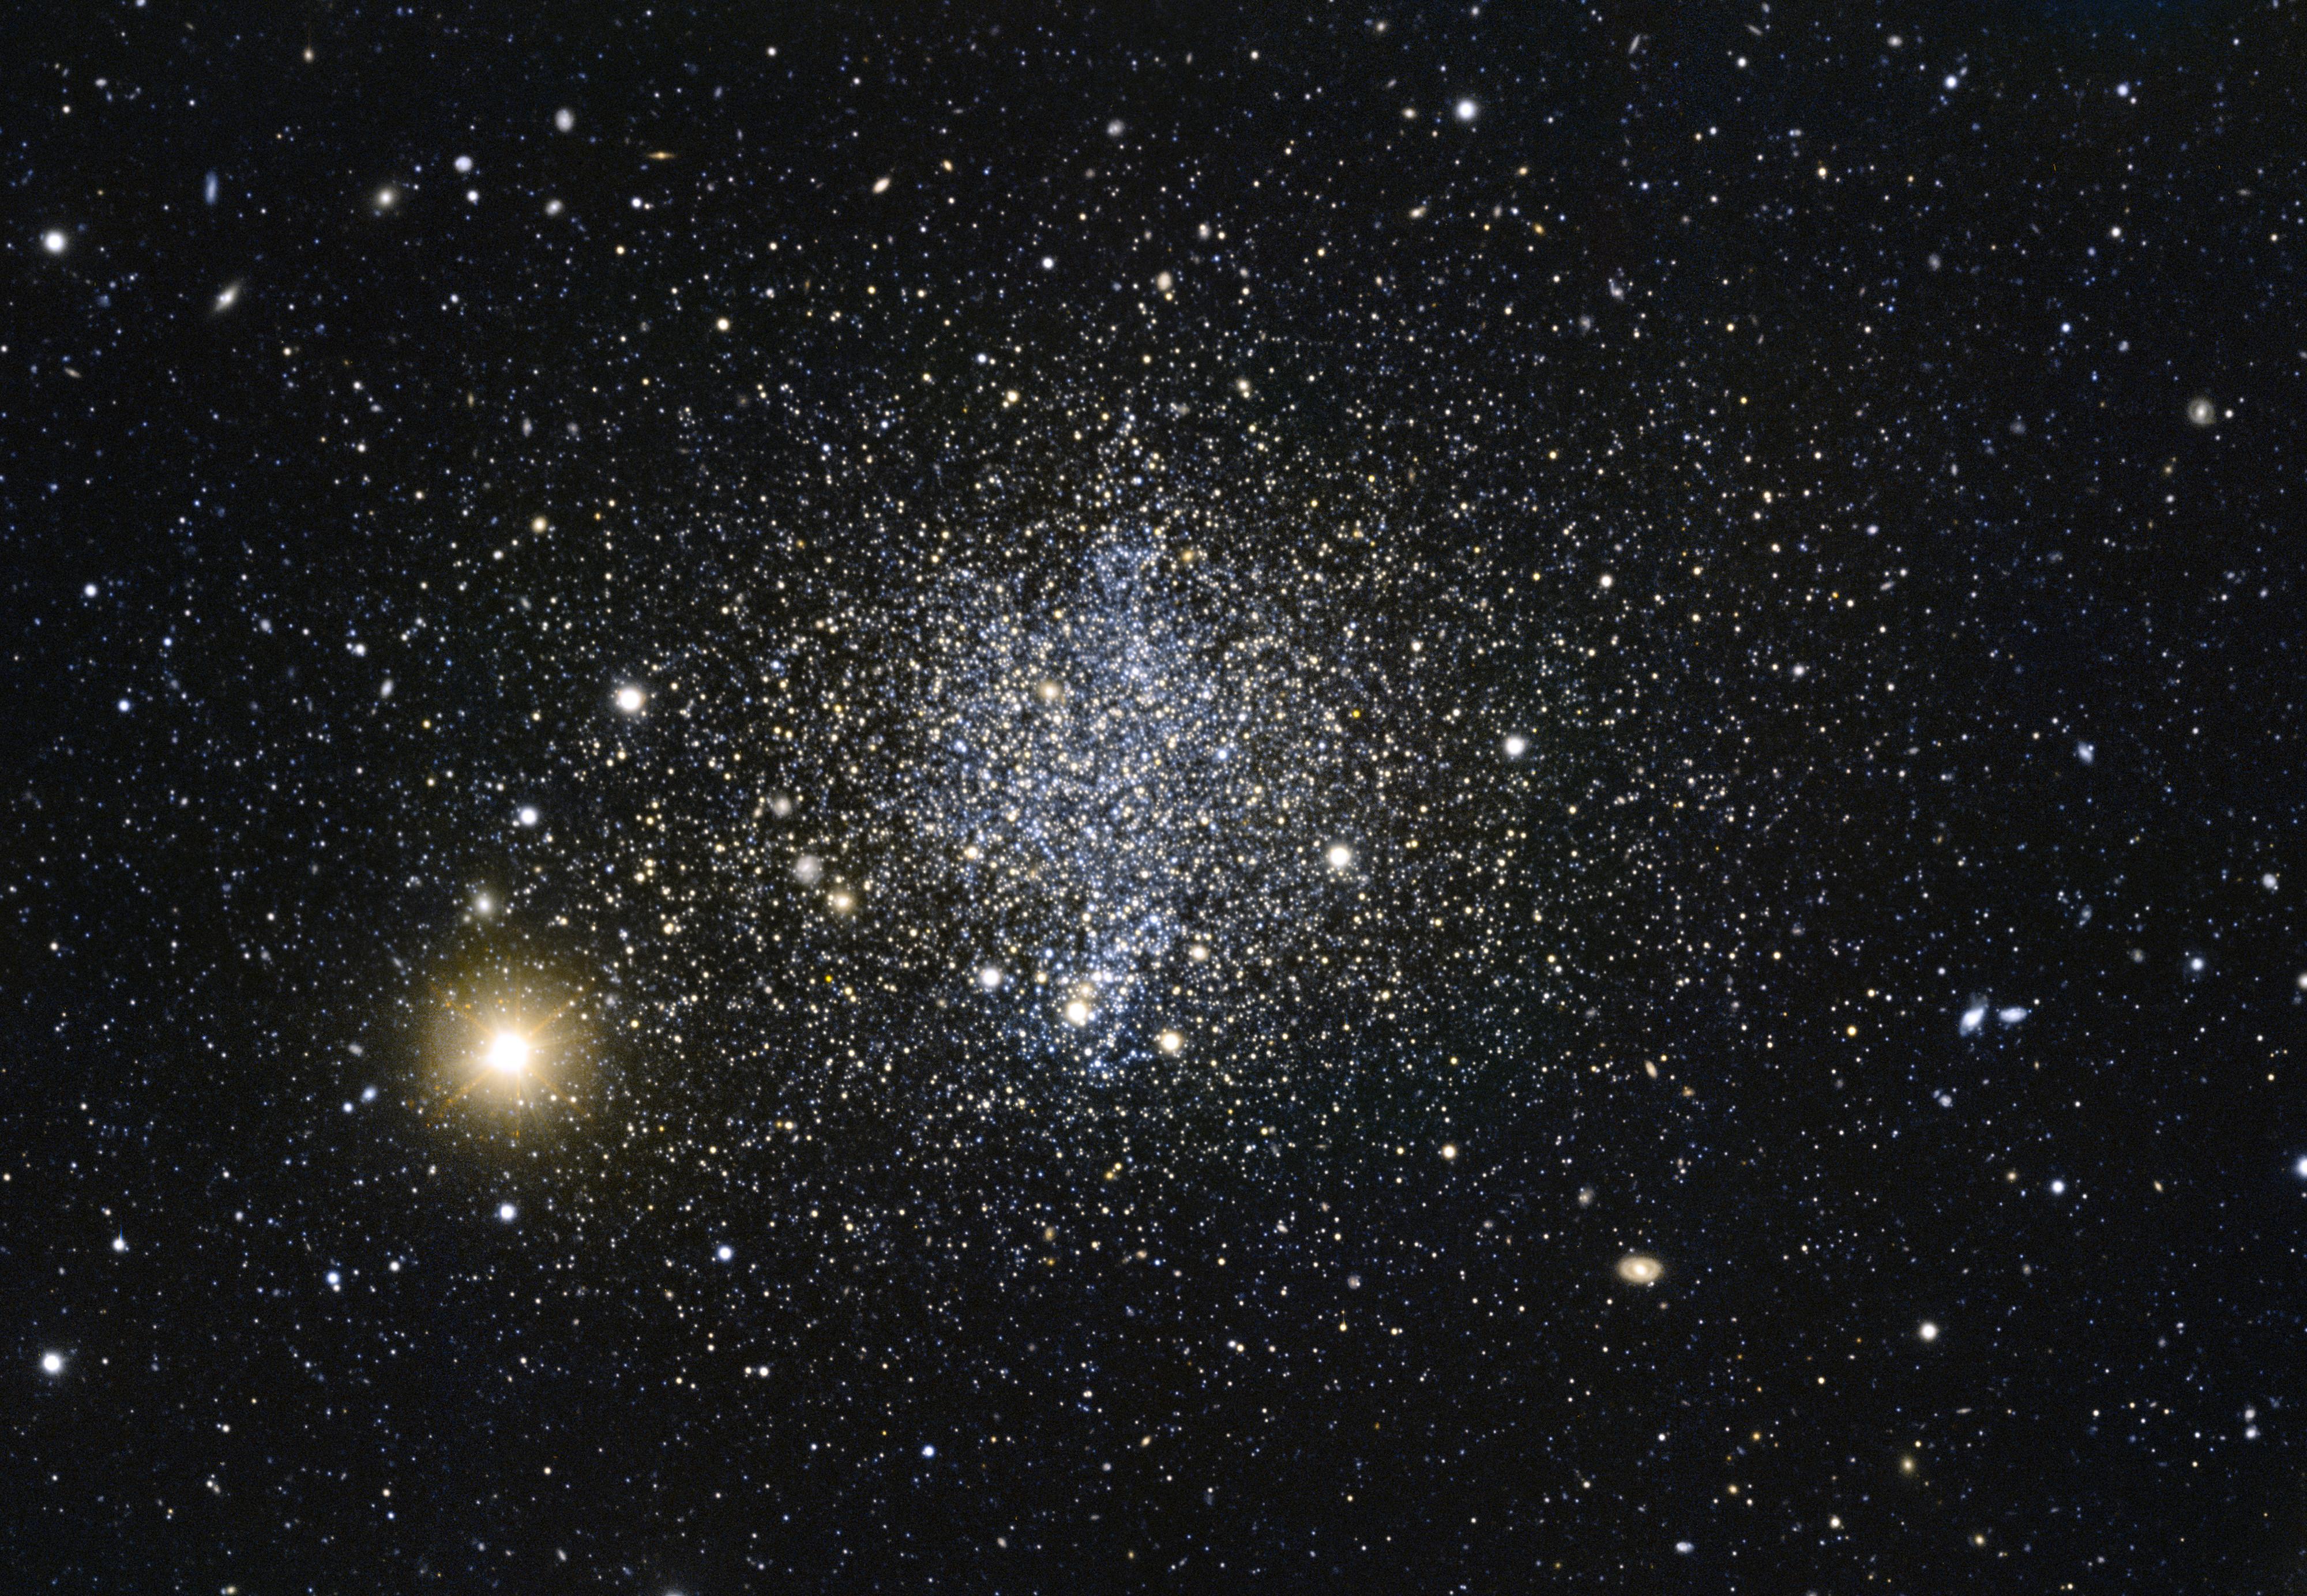 Ny svensk upptäckt om stjärnbildning i dvärggalaxer